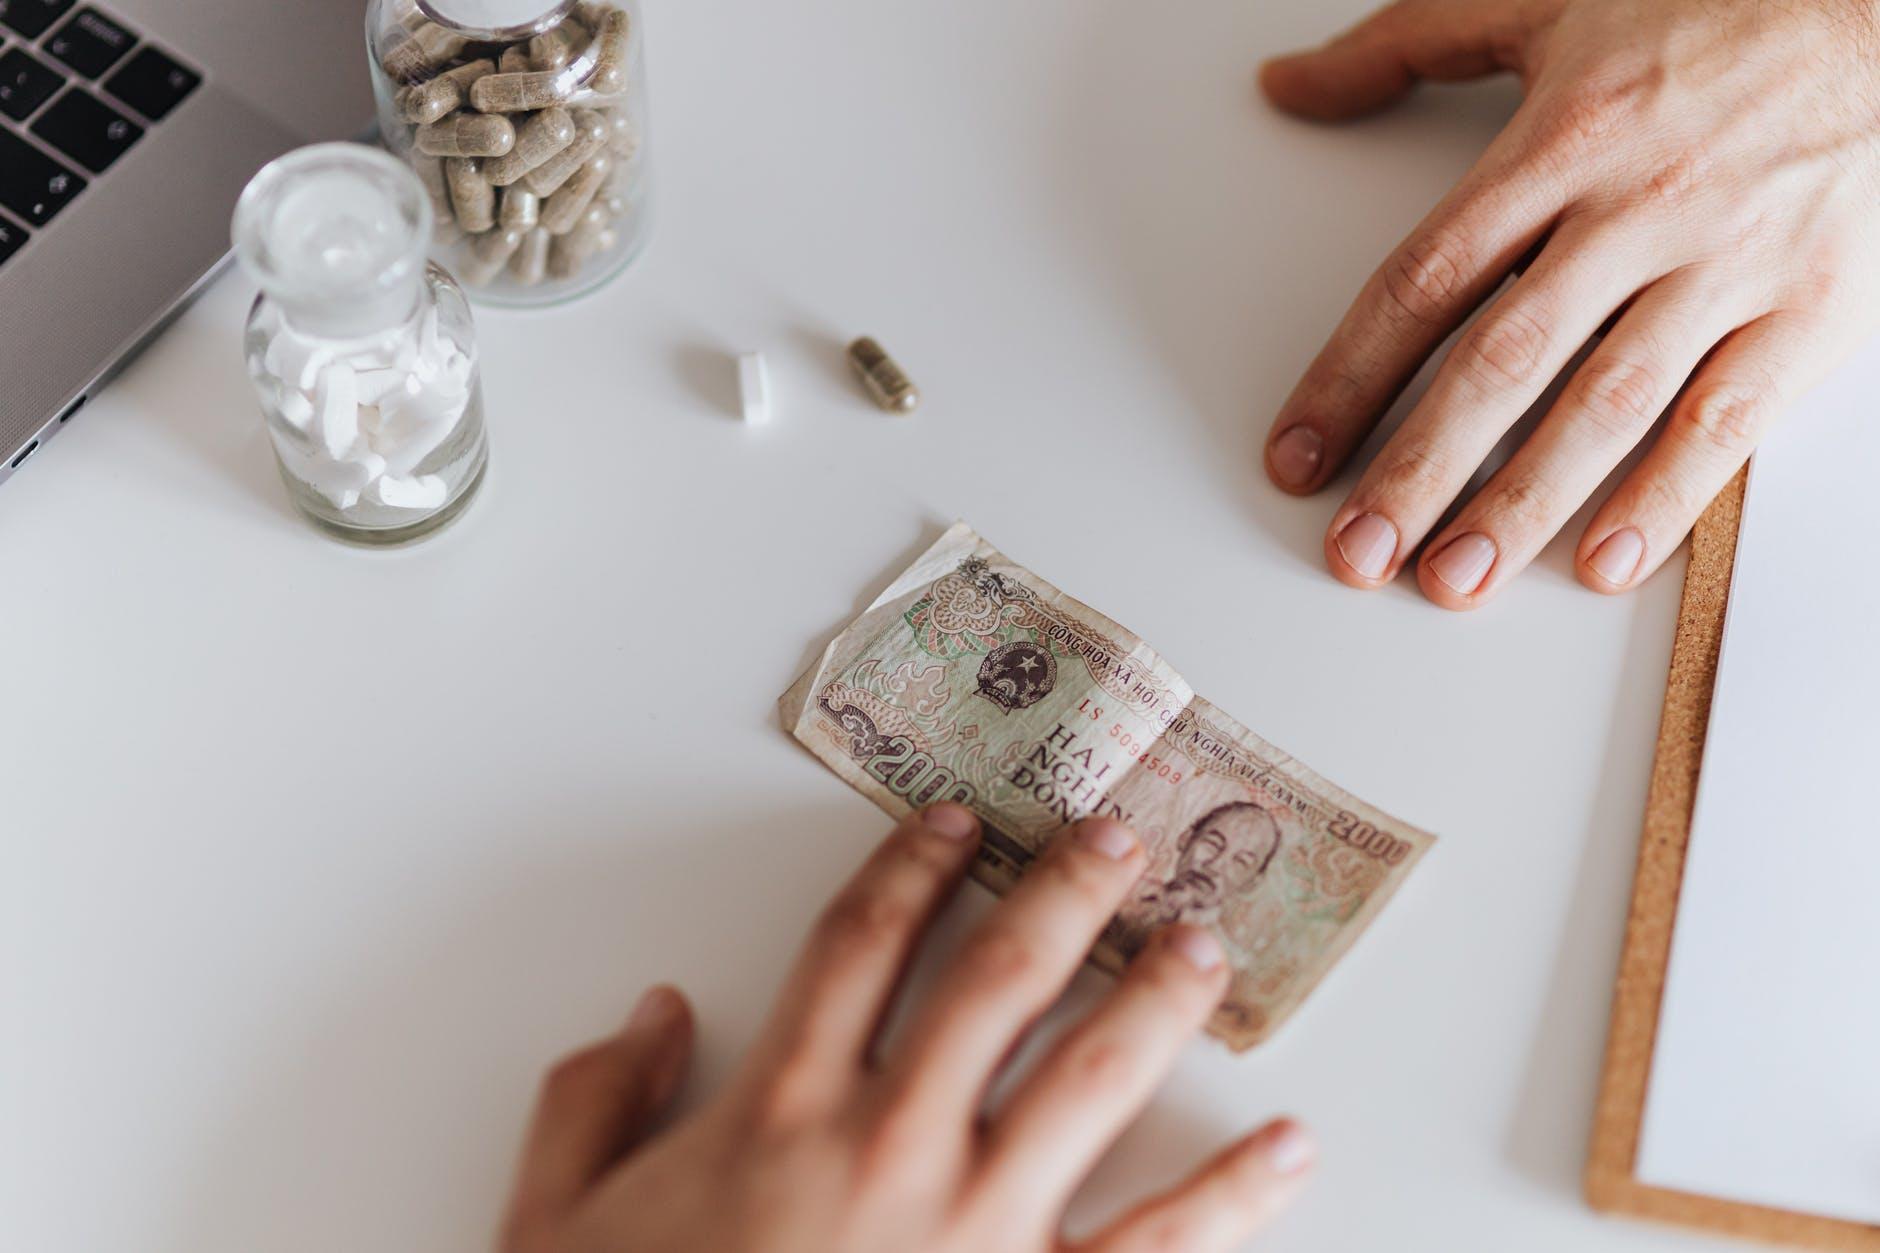 Kredyt konsolidacyjny - czy pomaga osobom zadłużonym?  - Zdjęcie główne